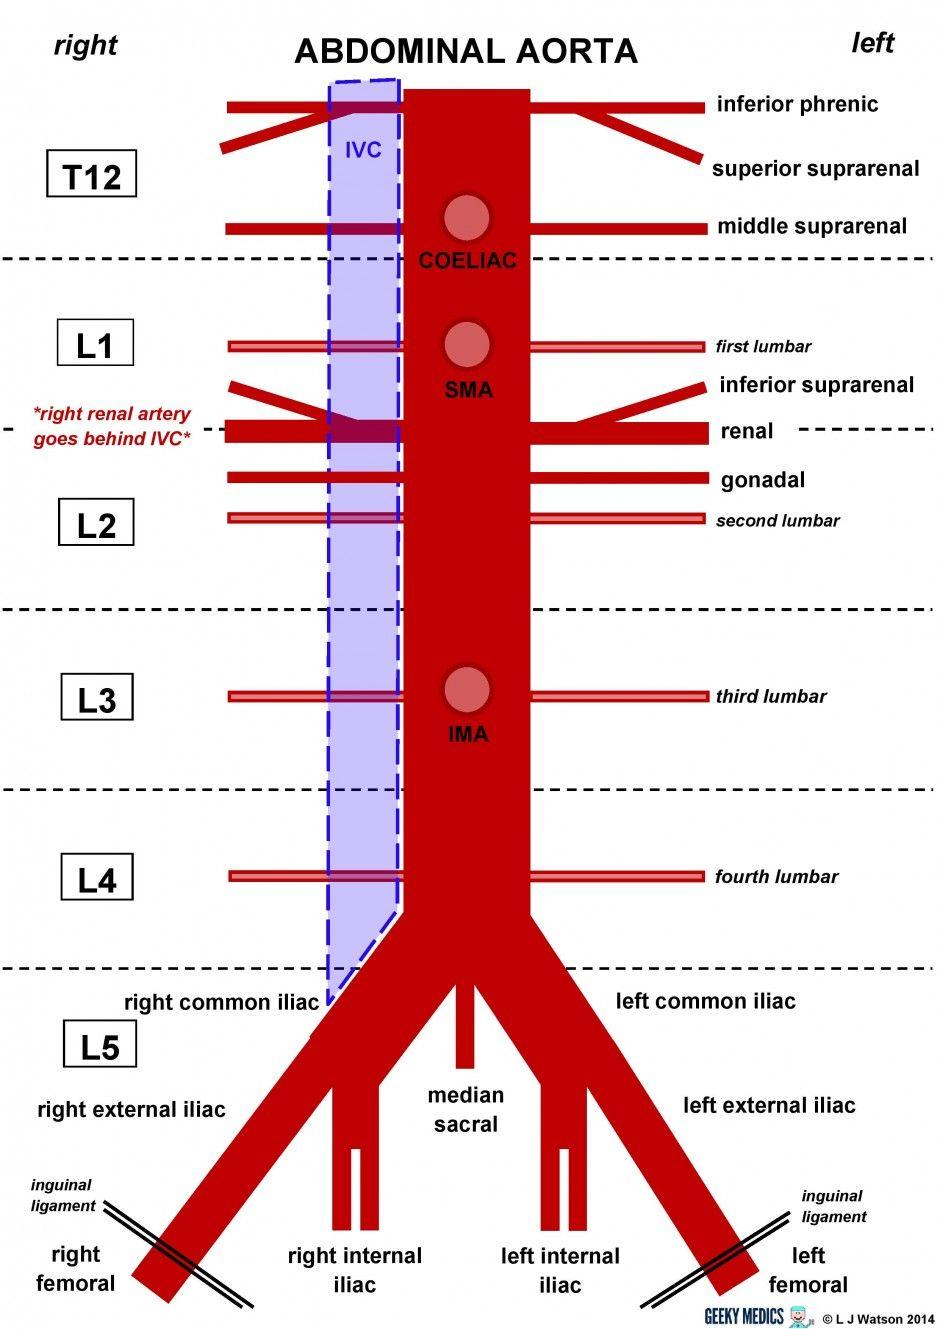 aorta geeky medics | Anatomy | Pinterest